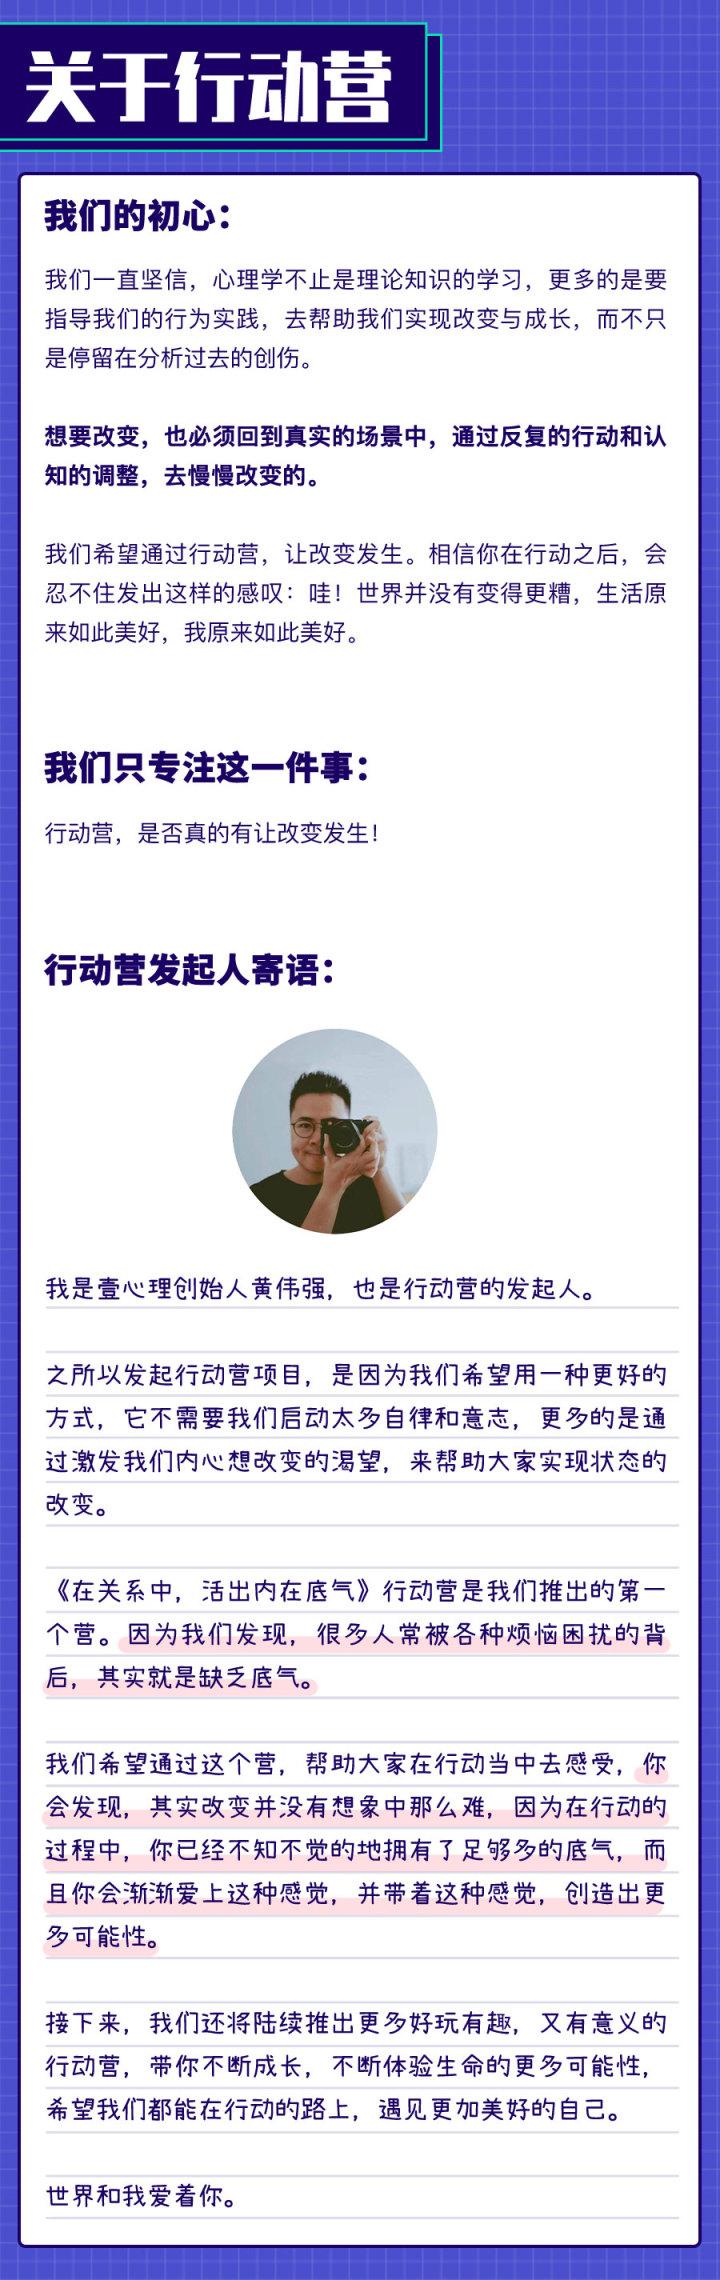 行动营-详情页【已改】_17.jpg